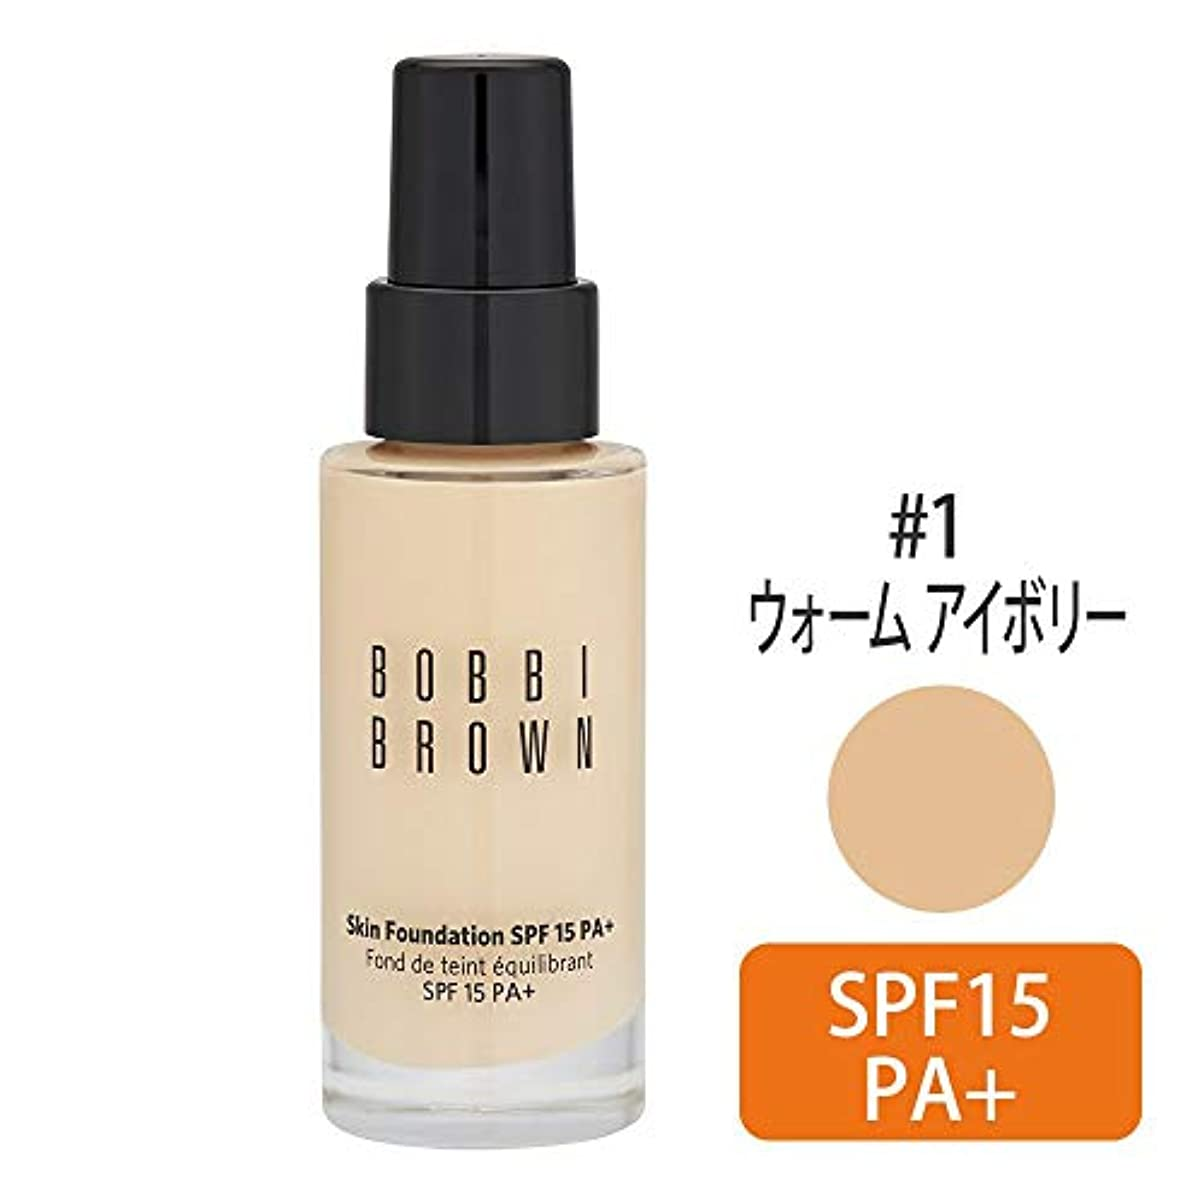 あいまい舌魂BOBBI BROWN ボビイ ブラウン スキン ファンデーション SPF15 PA+ #1 Warm Ivory 30ml [並行輸入品]